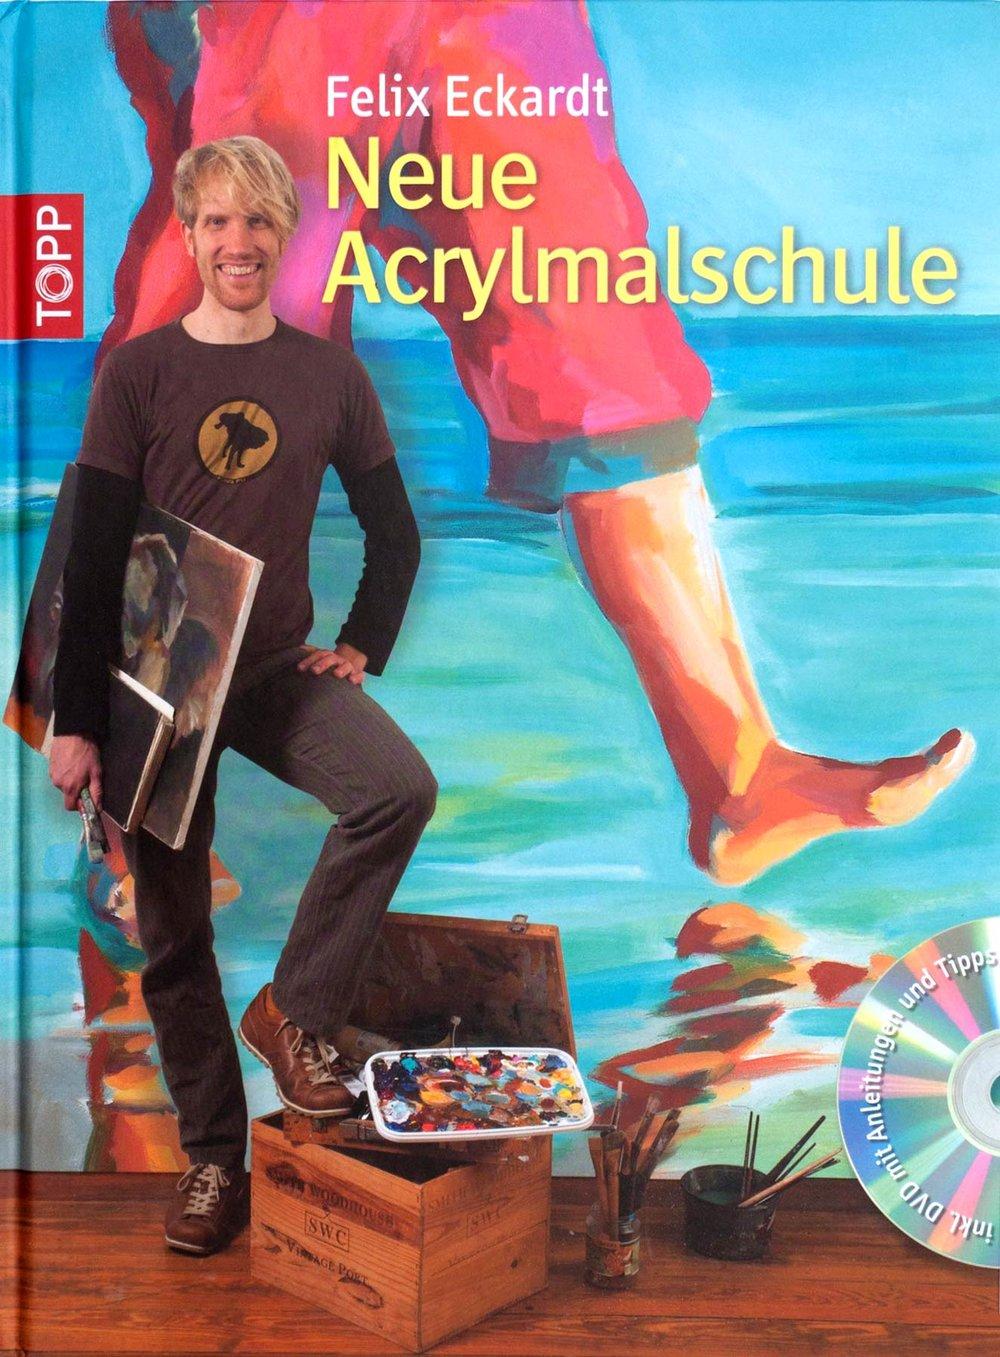 Felix-Eckardt_Neue-Acrylmalschule.jpg